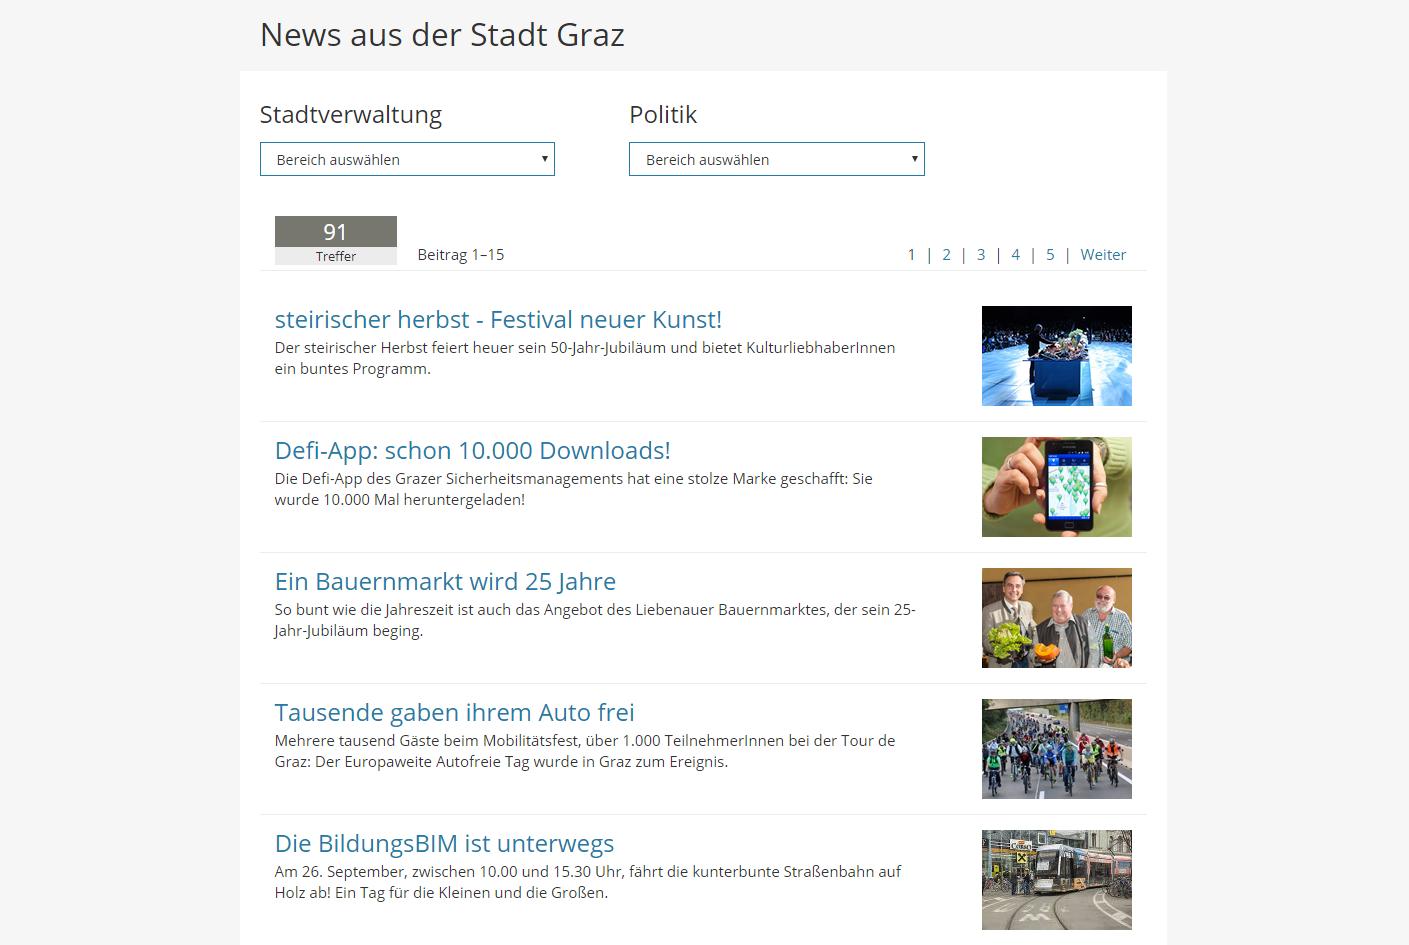 Stadtnachrichten-Websites